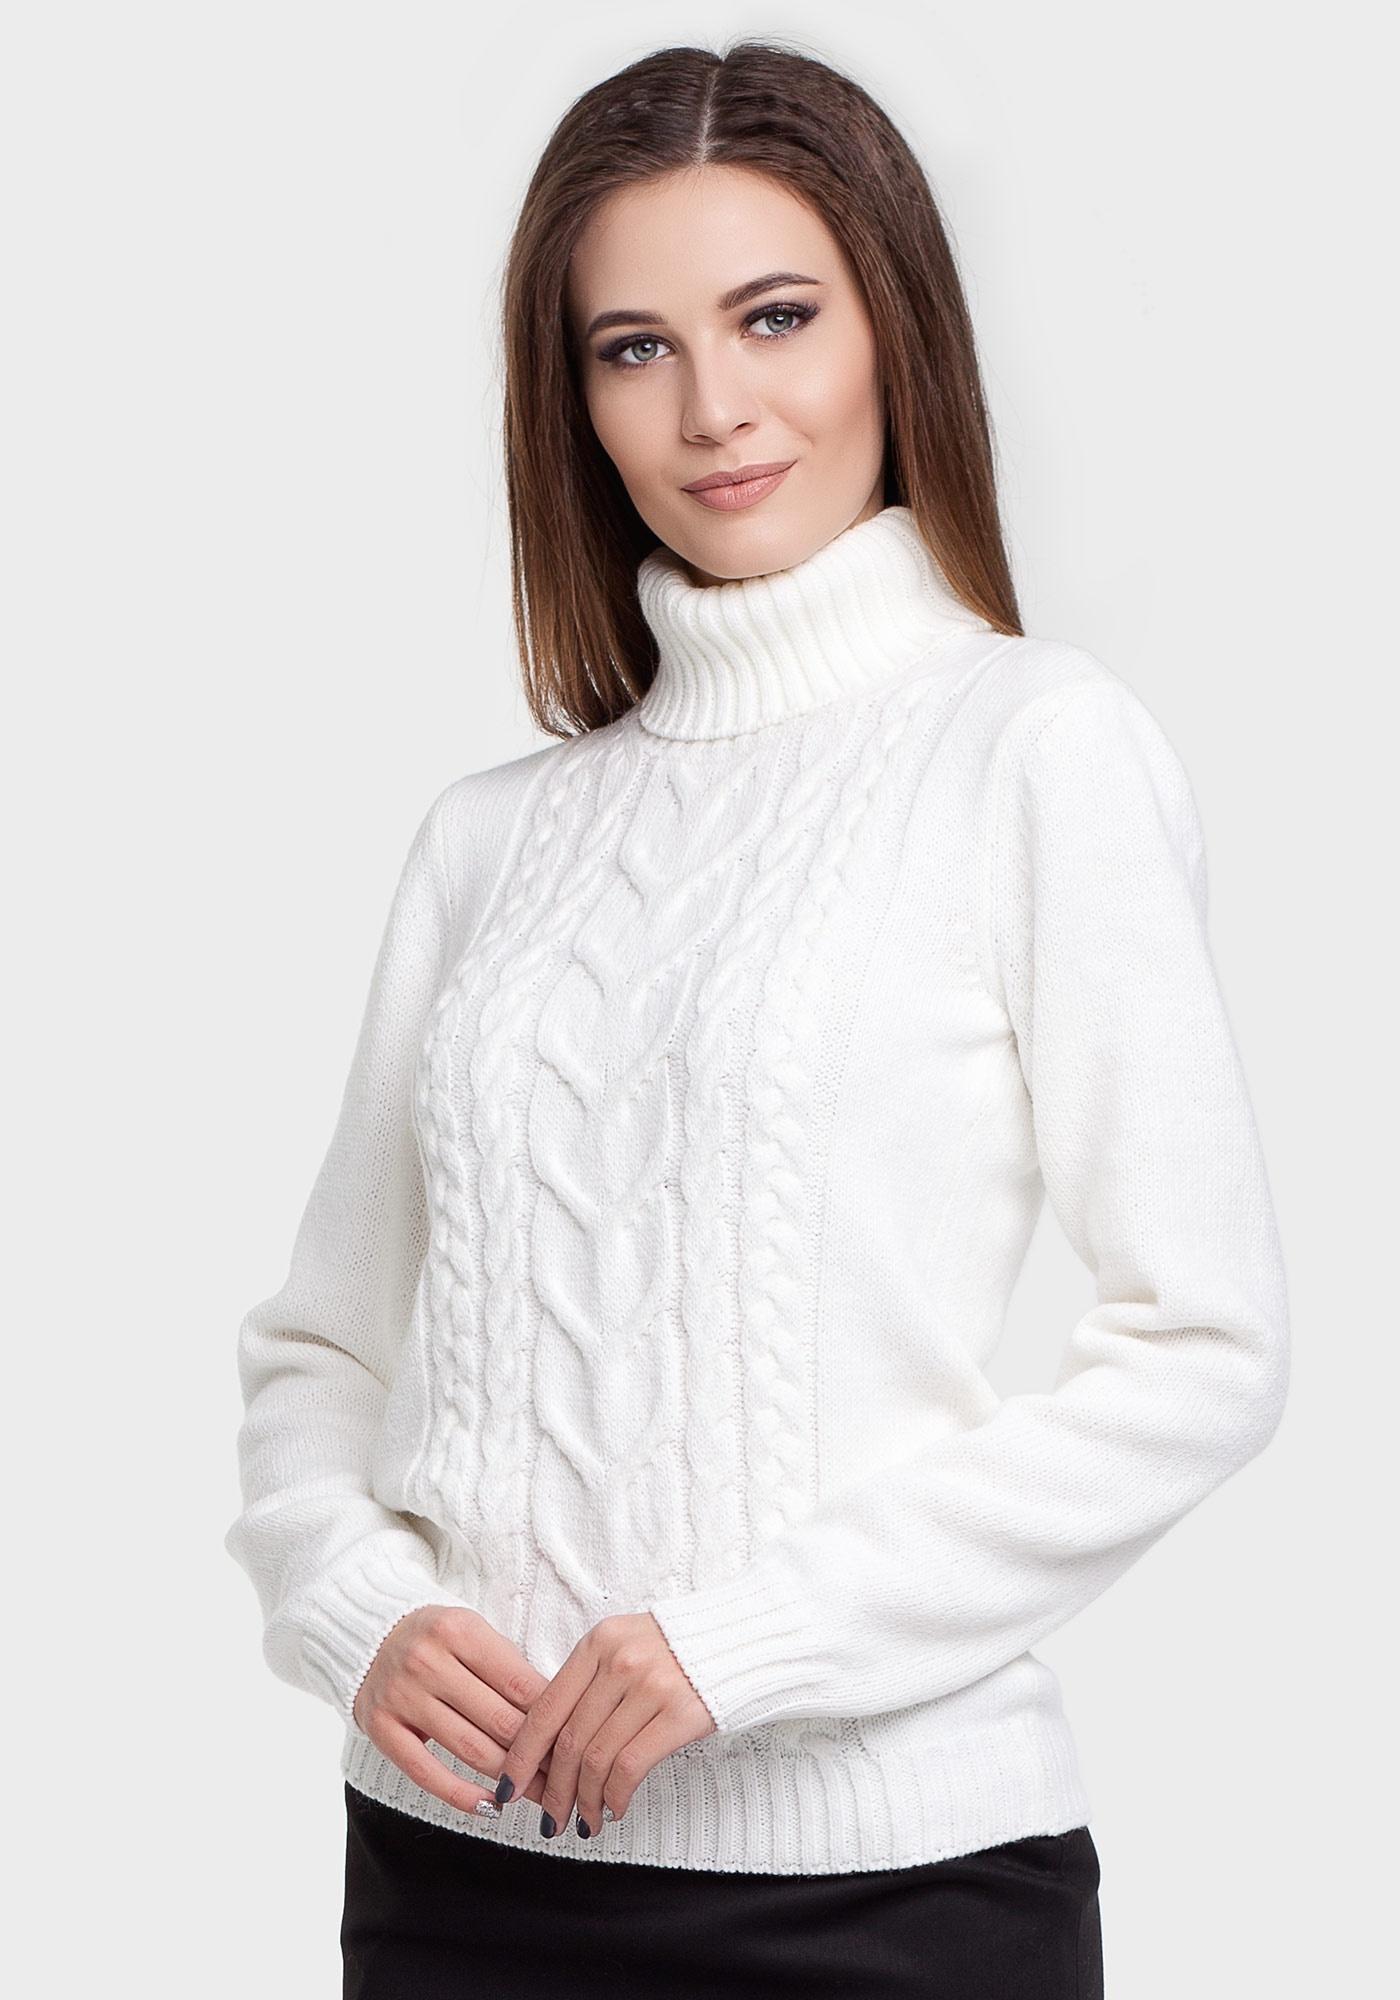 белый вязаный свитер купить